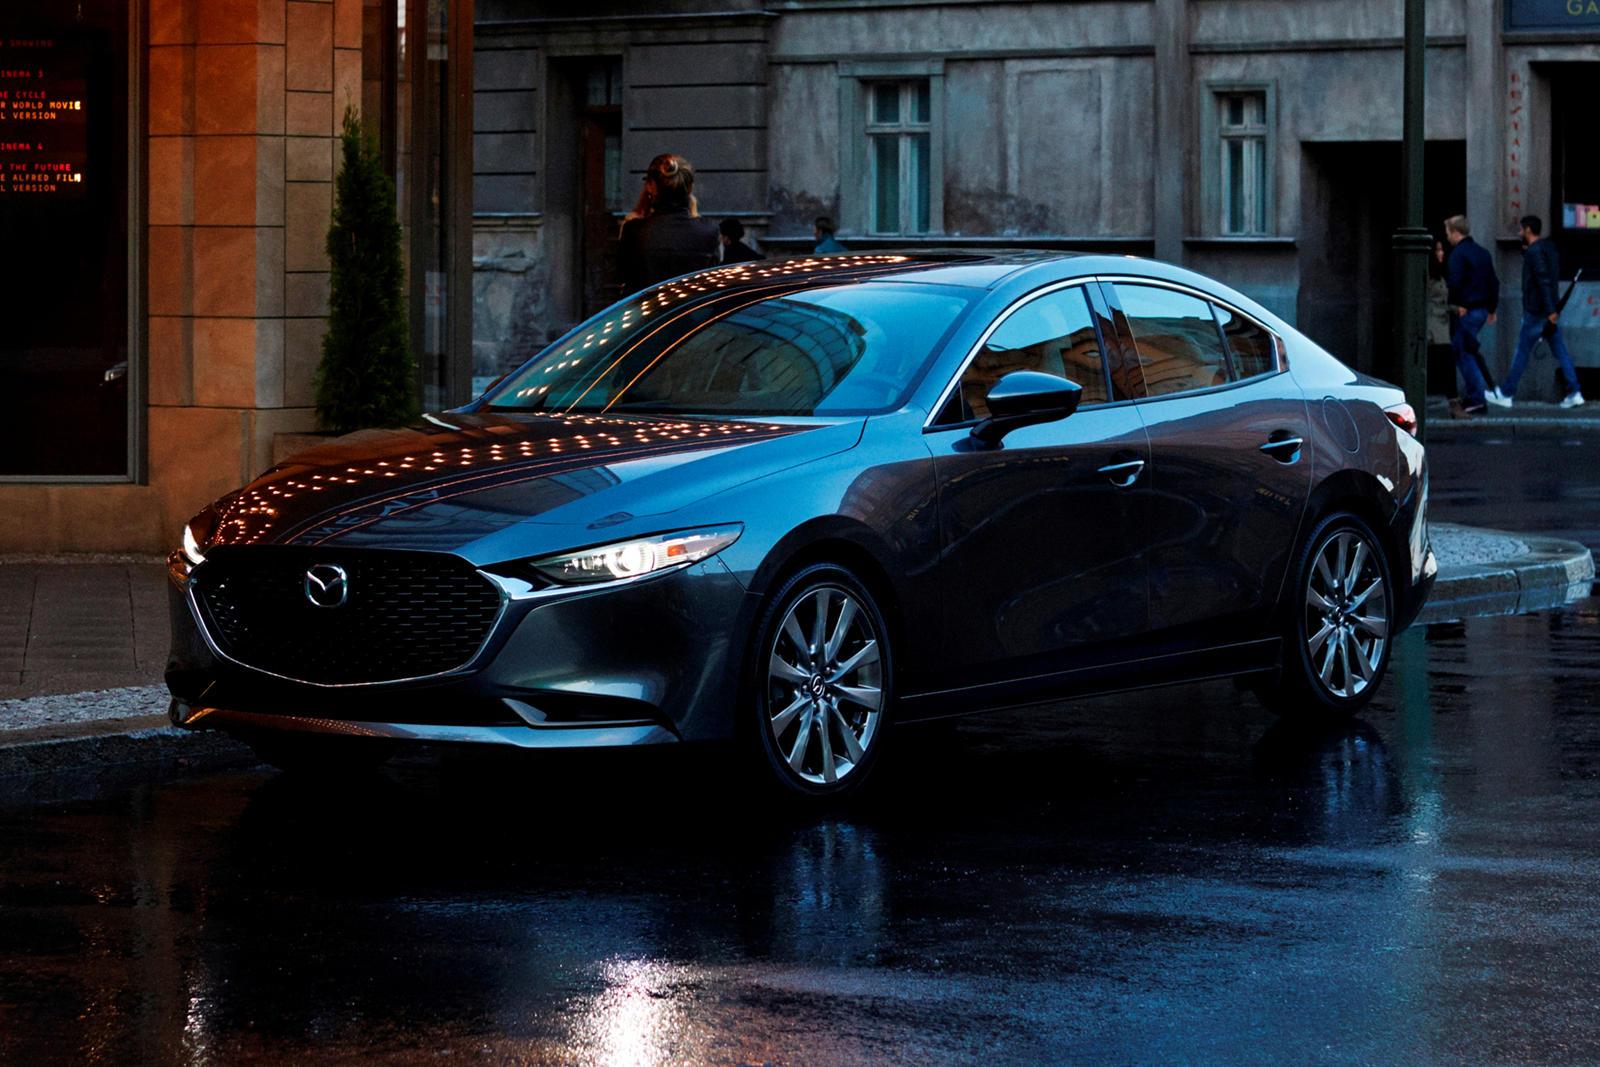 Kelebihan Mazda 3 2019 Sedan Spesifikasi